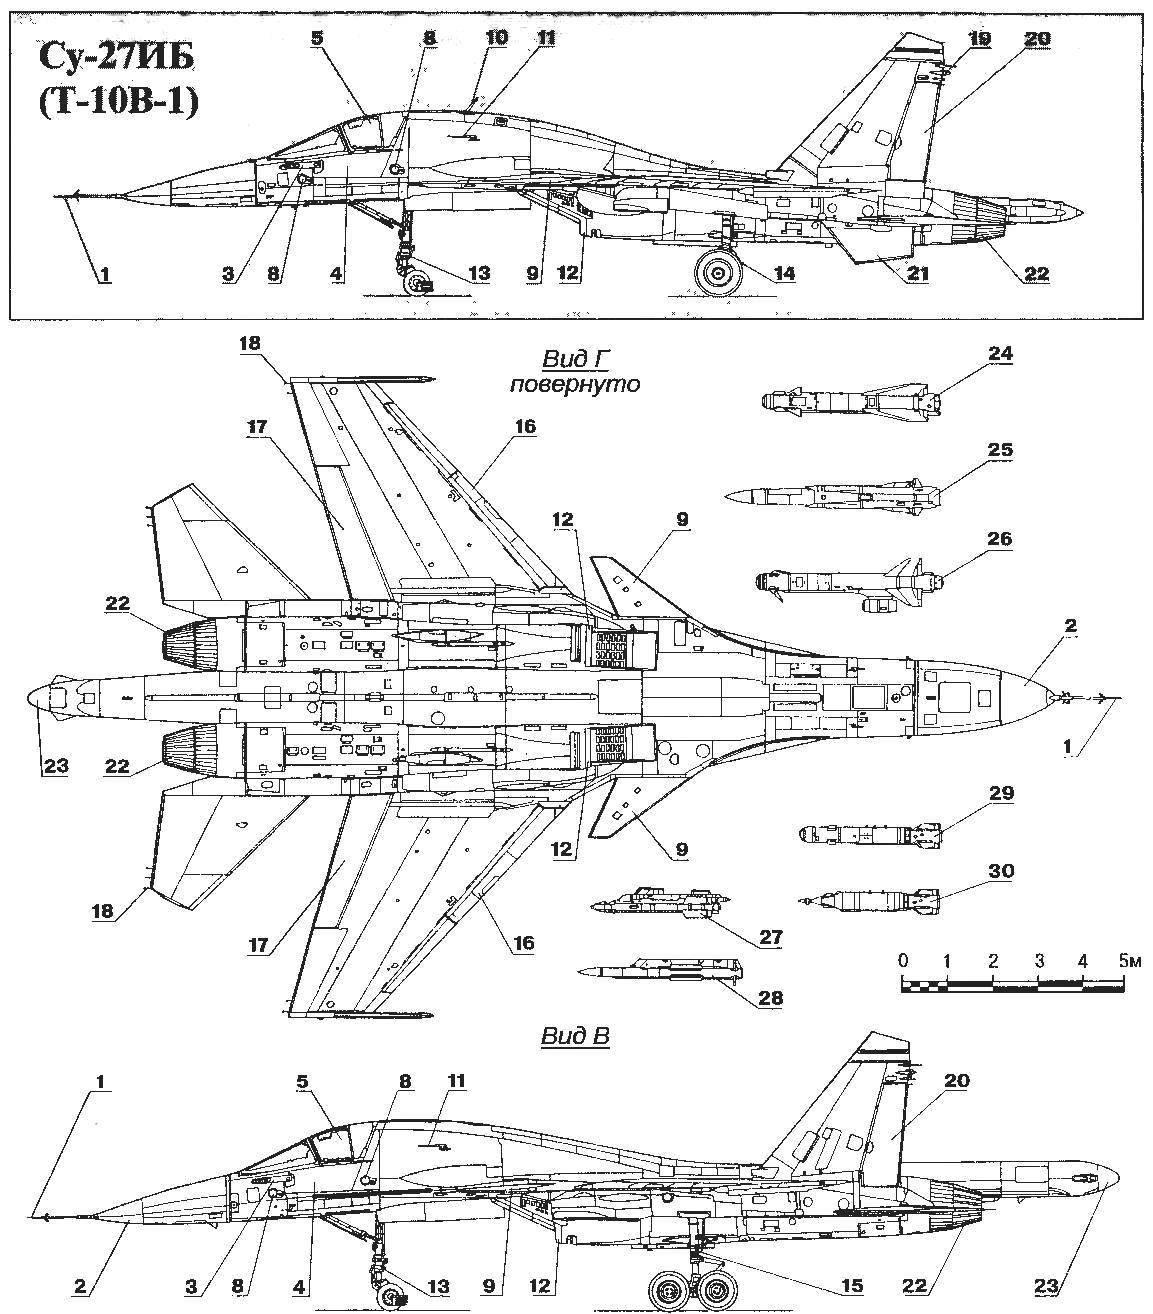 Сверхзвуковая (гиперзвуковая) аэродинамическая труба советский патент 1974 года по мпк g01m9/00